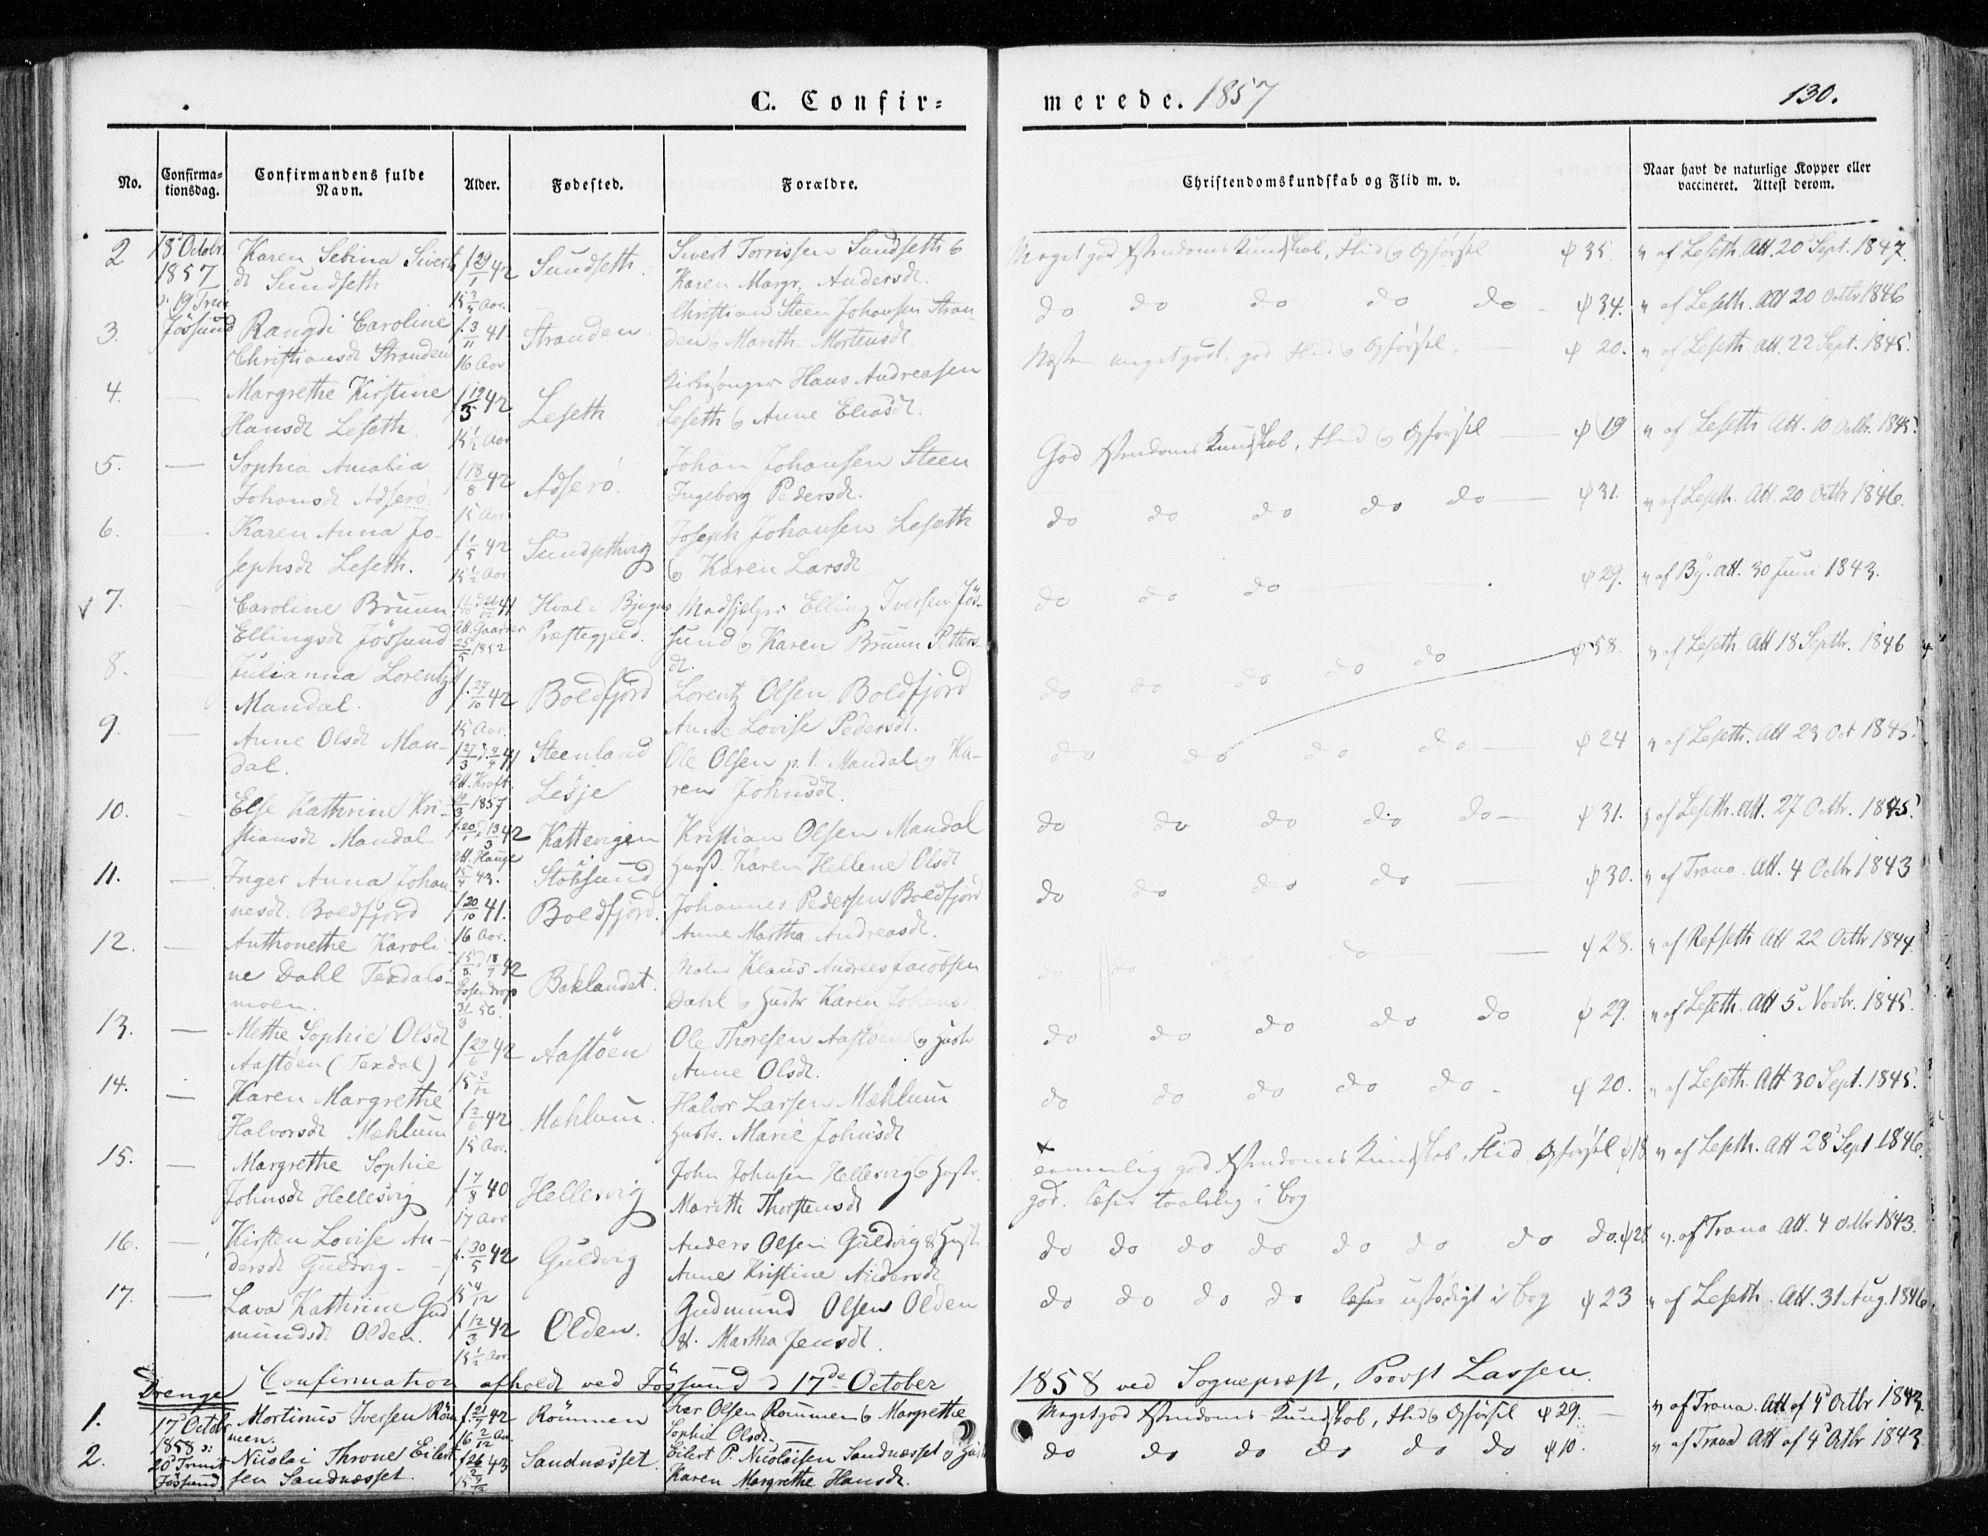 SAT, Ministerialprotokoller, klokkerbøker og fødselsregistre - Sør-Trøndelag, 655/L0677: Ministerialbok nr. 655A06, 1847-1860, s. 130